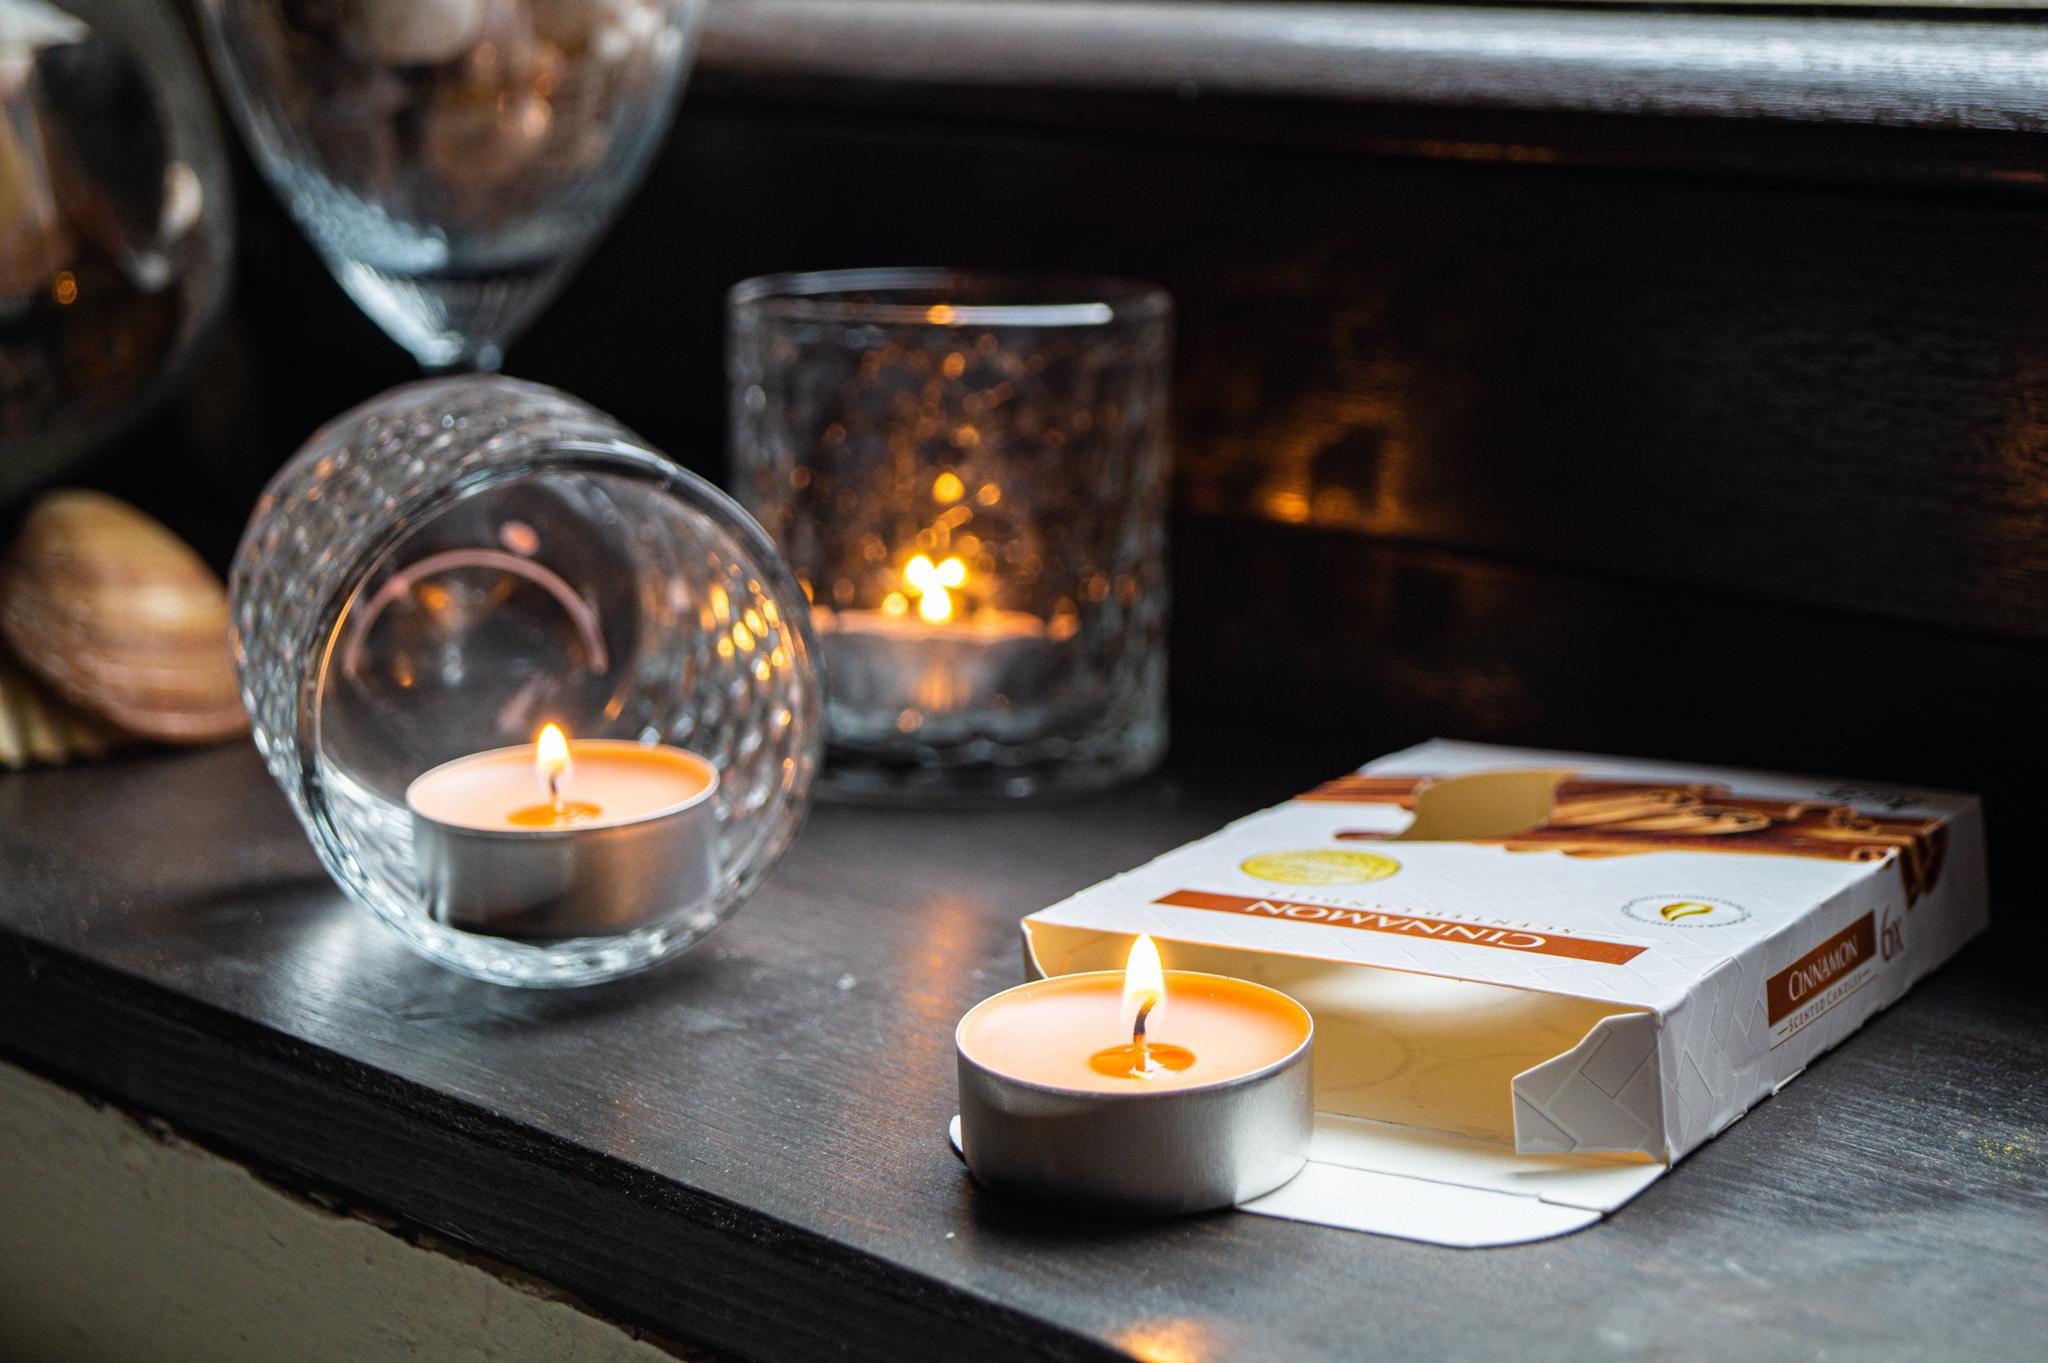 p15-65-cynamon-swieczki-zapachowe-tealight-oslonki-szklane-muszelki